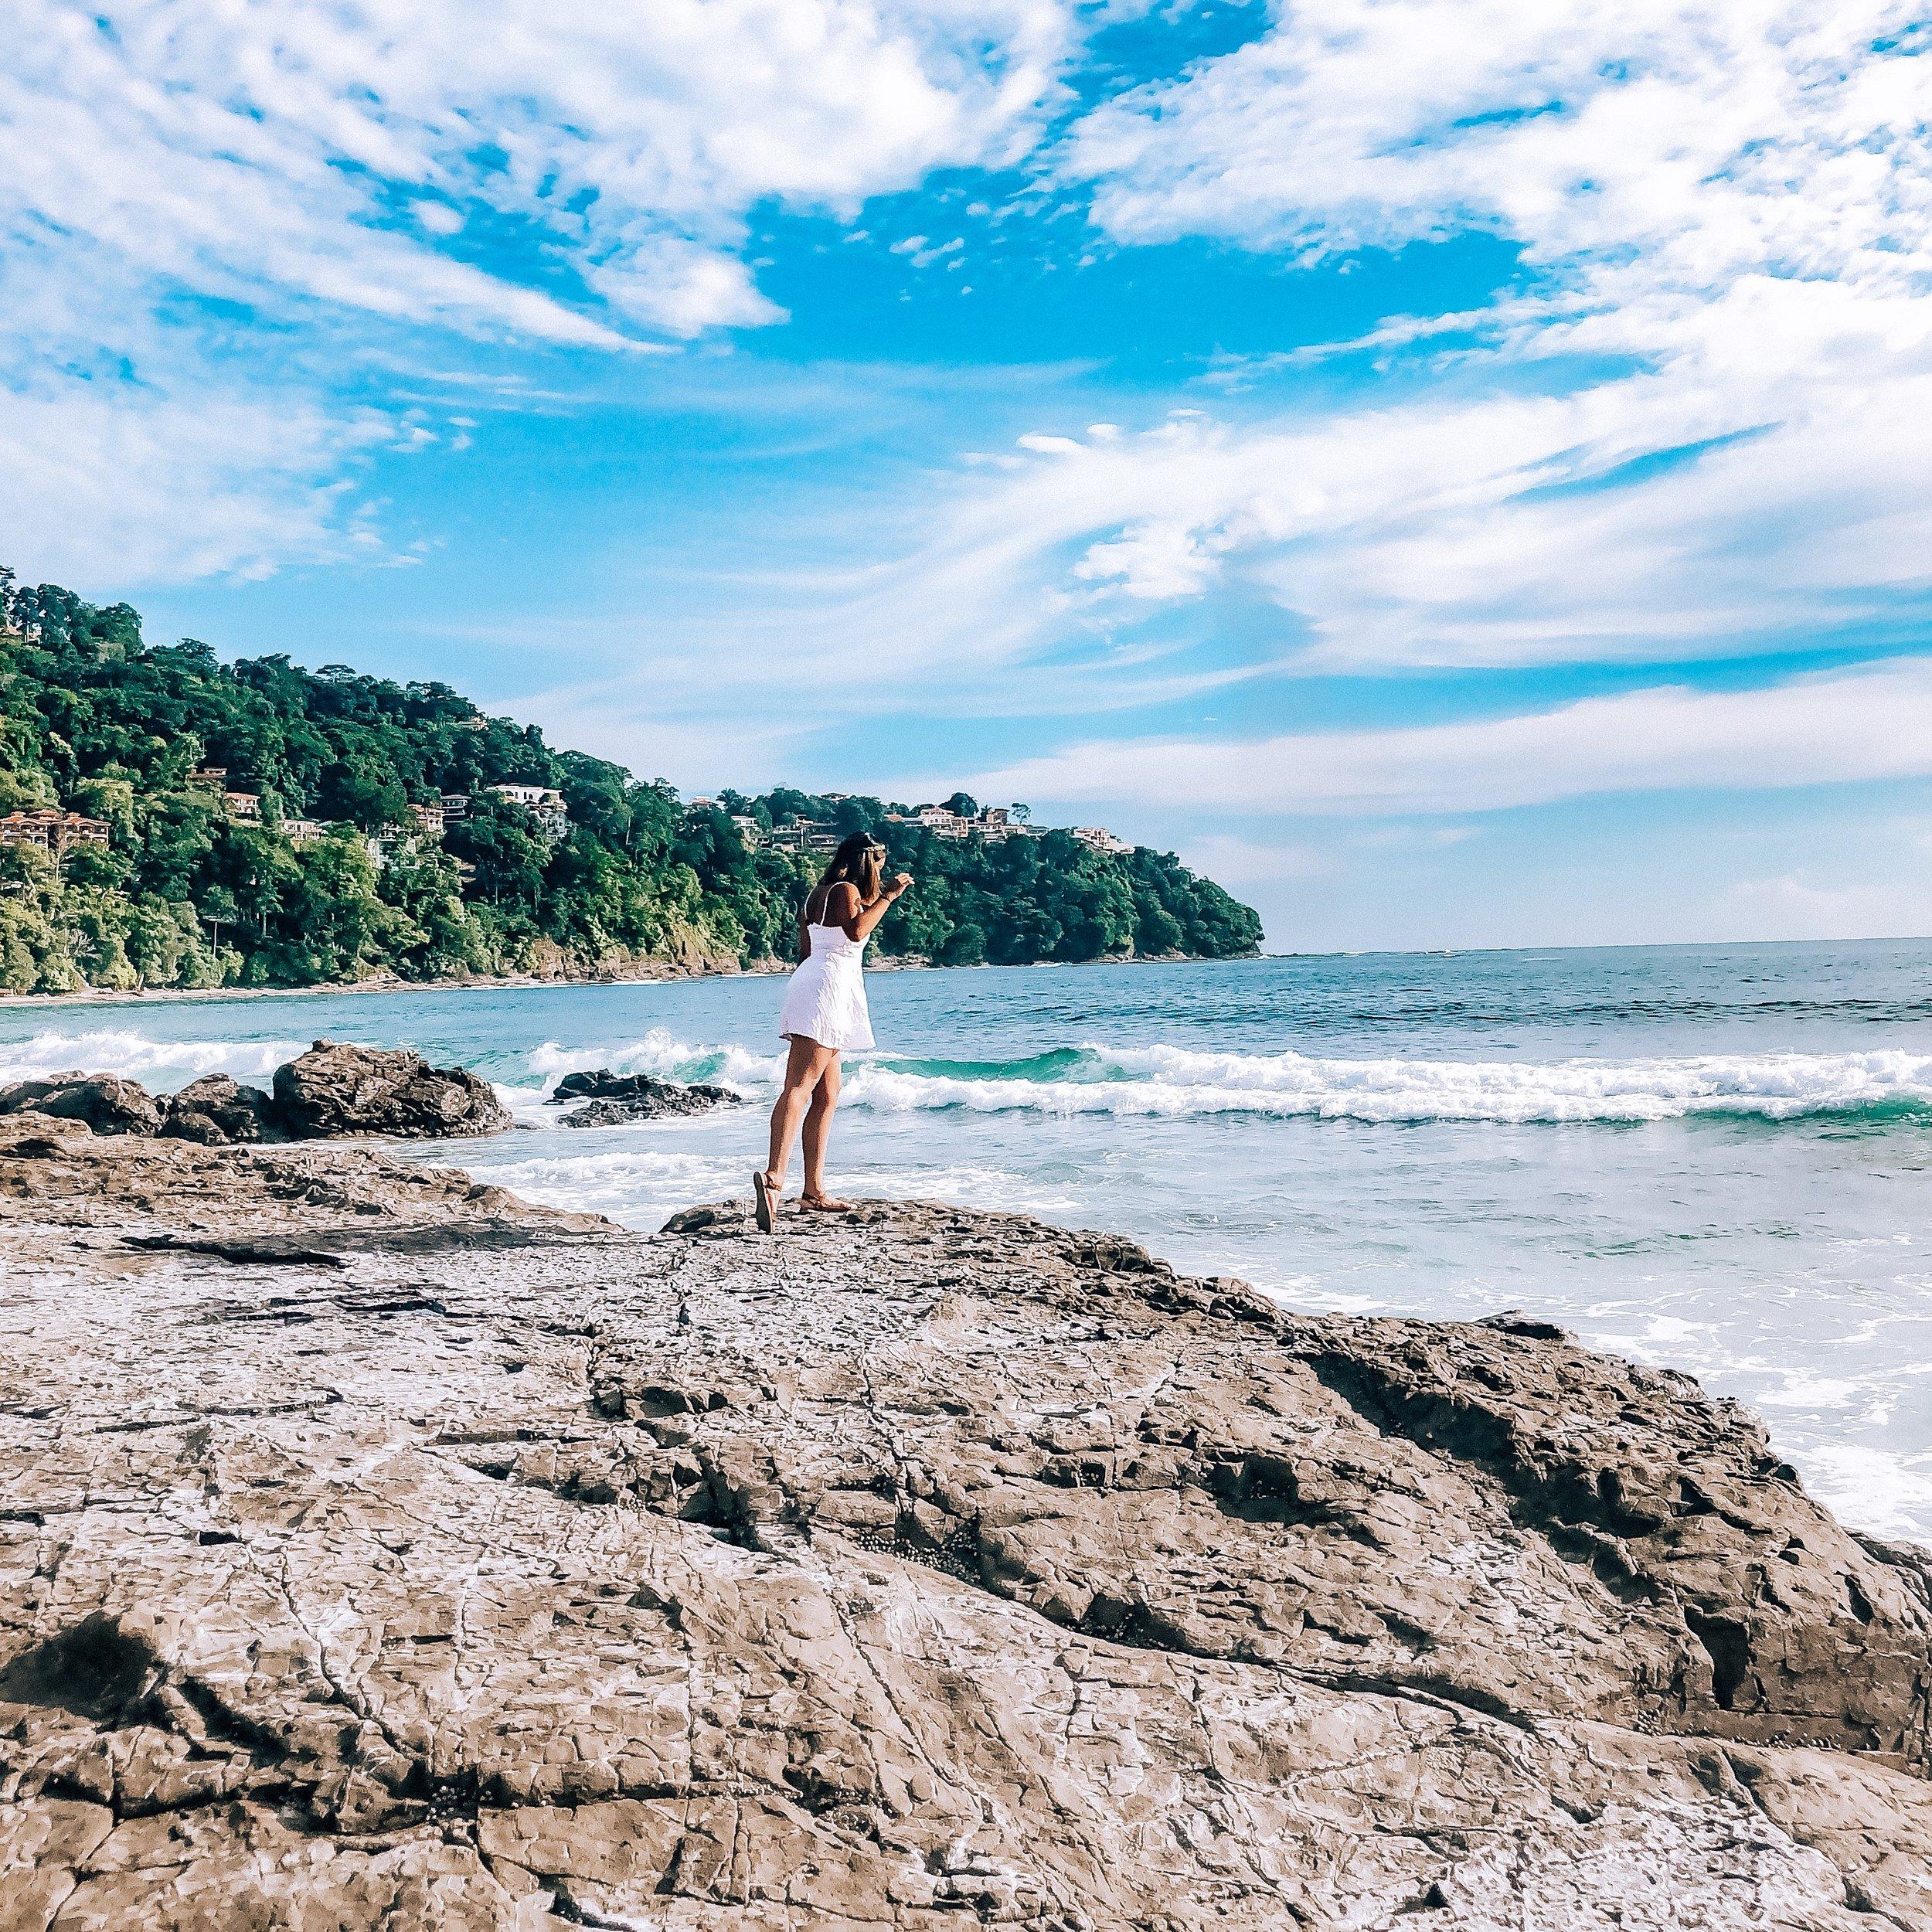 This is me overlooking the wonderful playa blanca in Jaco, Costa Rica.